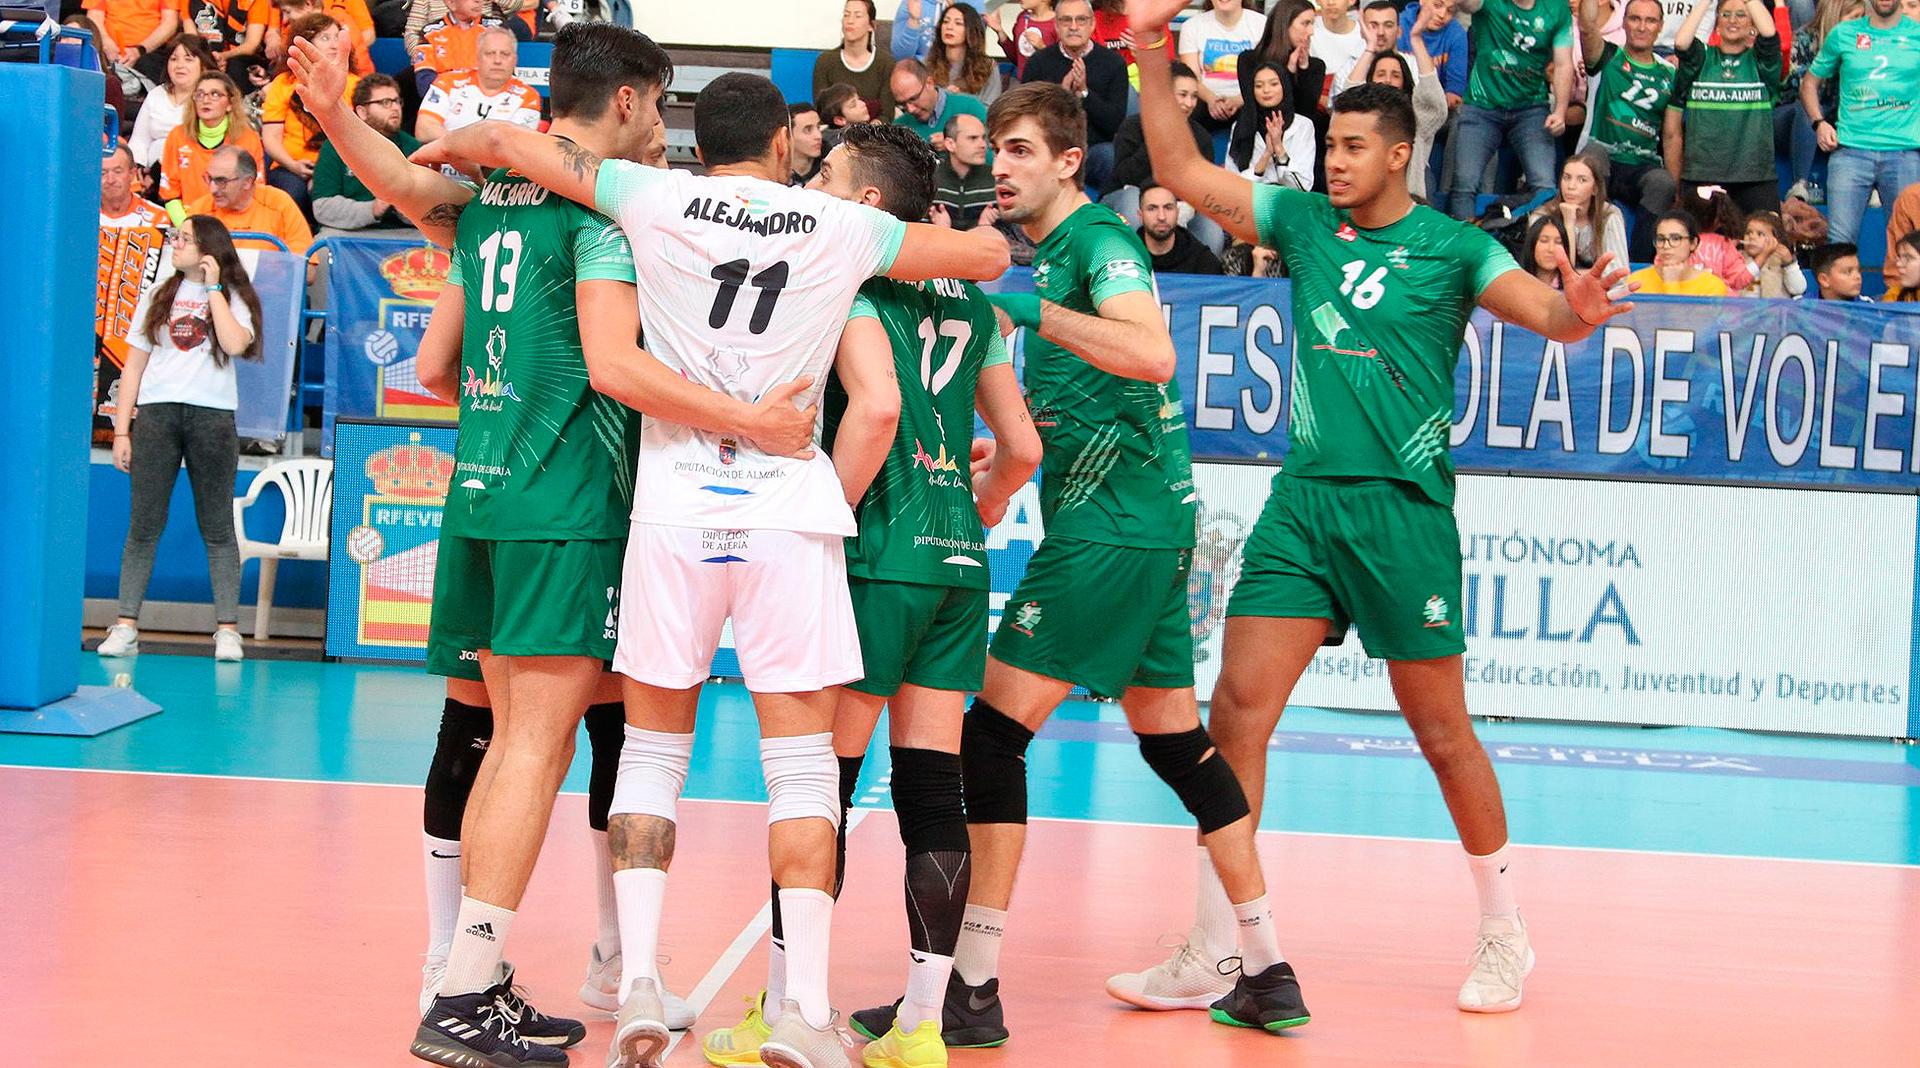 El Unicaja Almería gana la Copa del Rey de voleibol